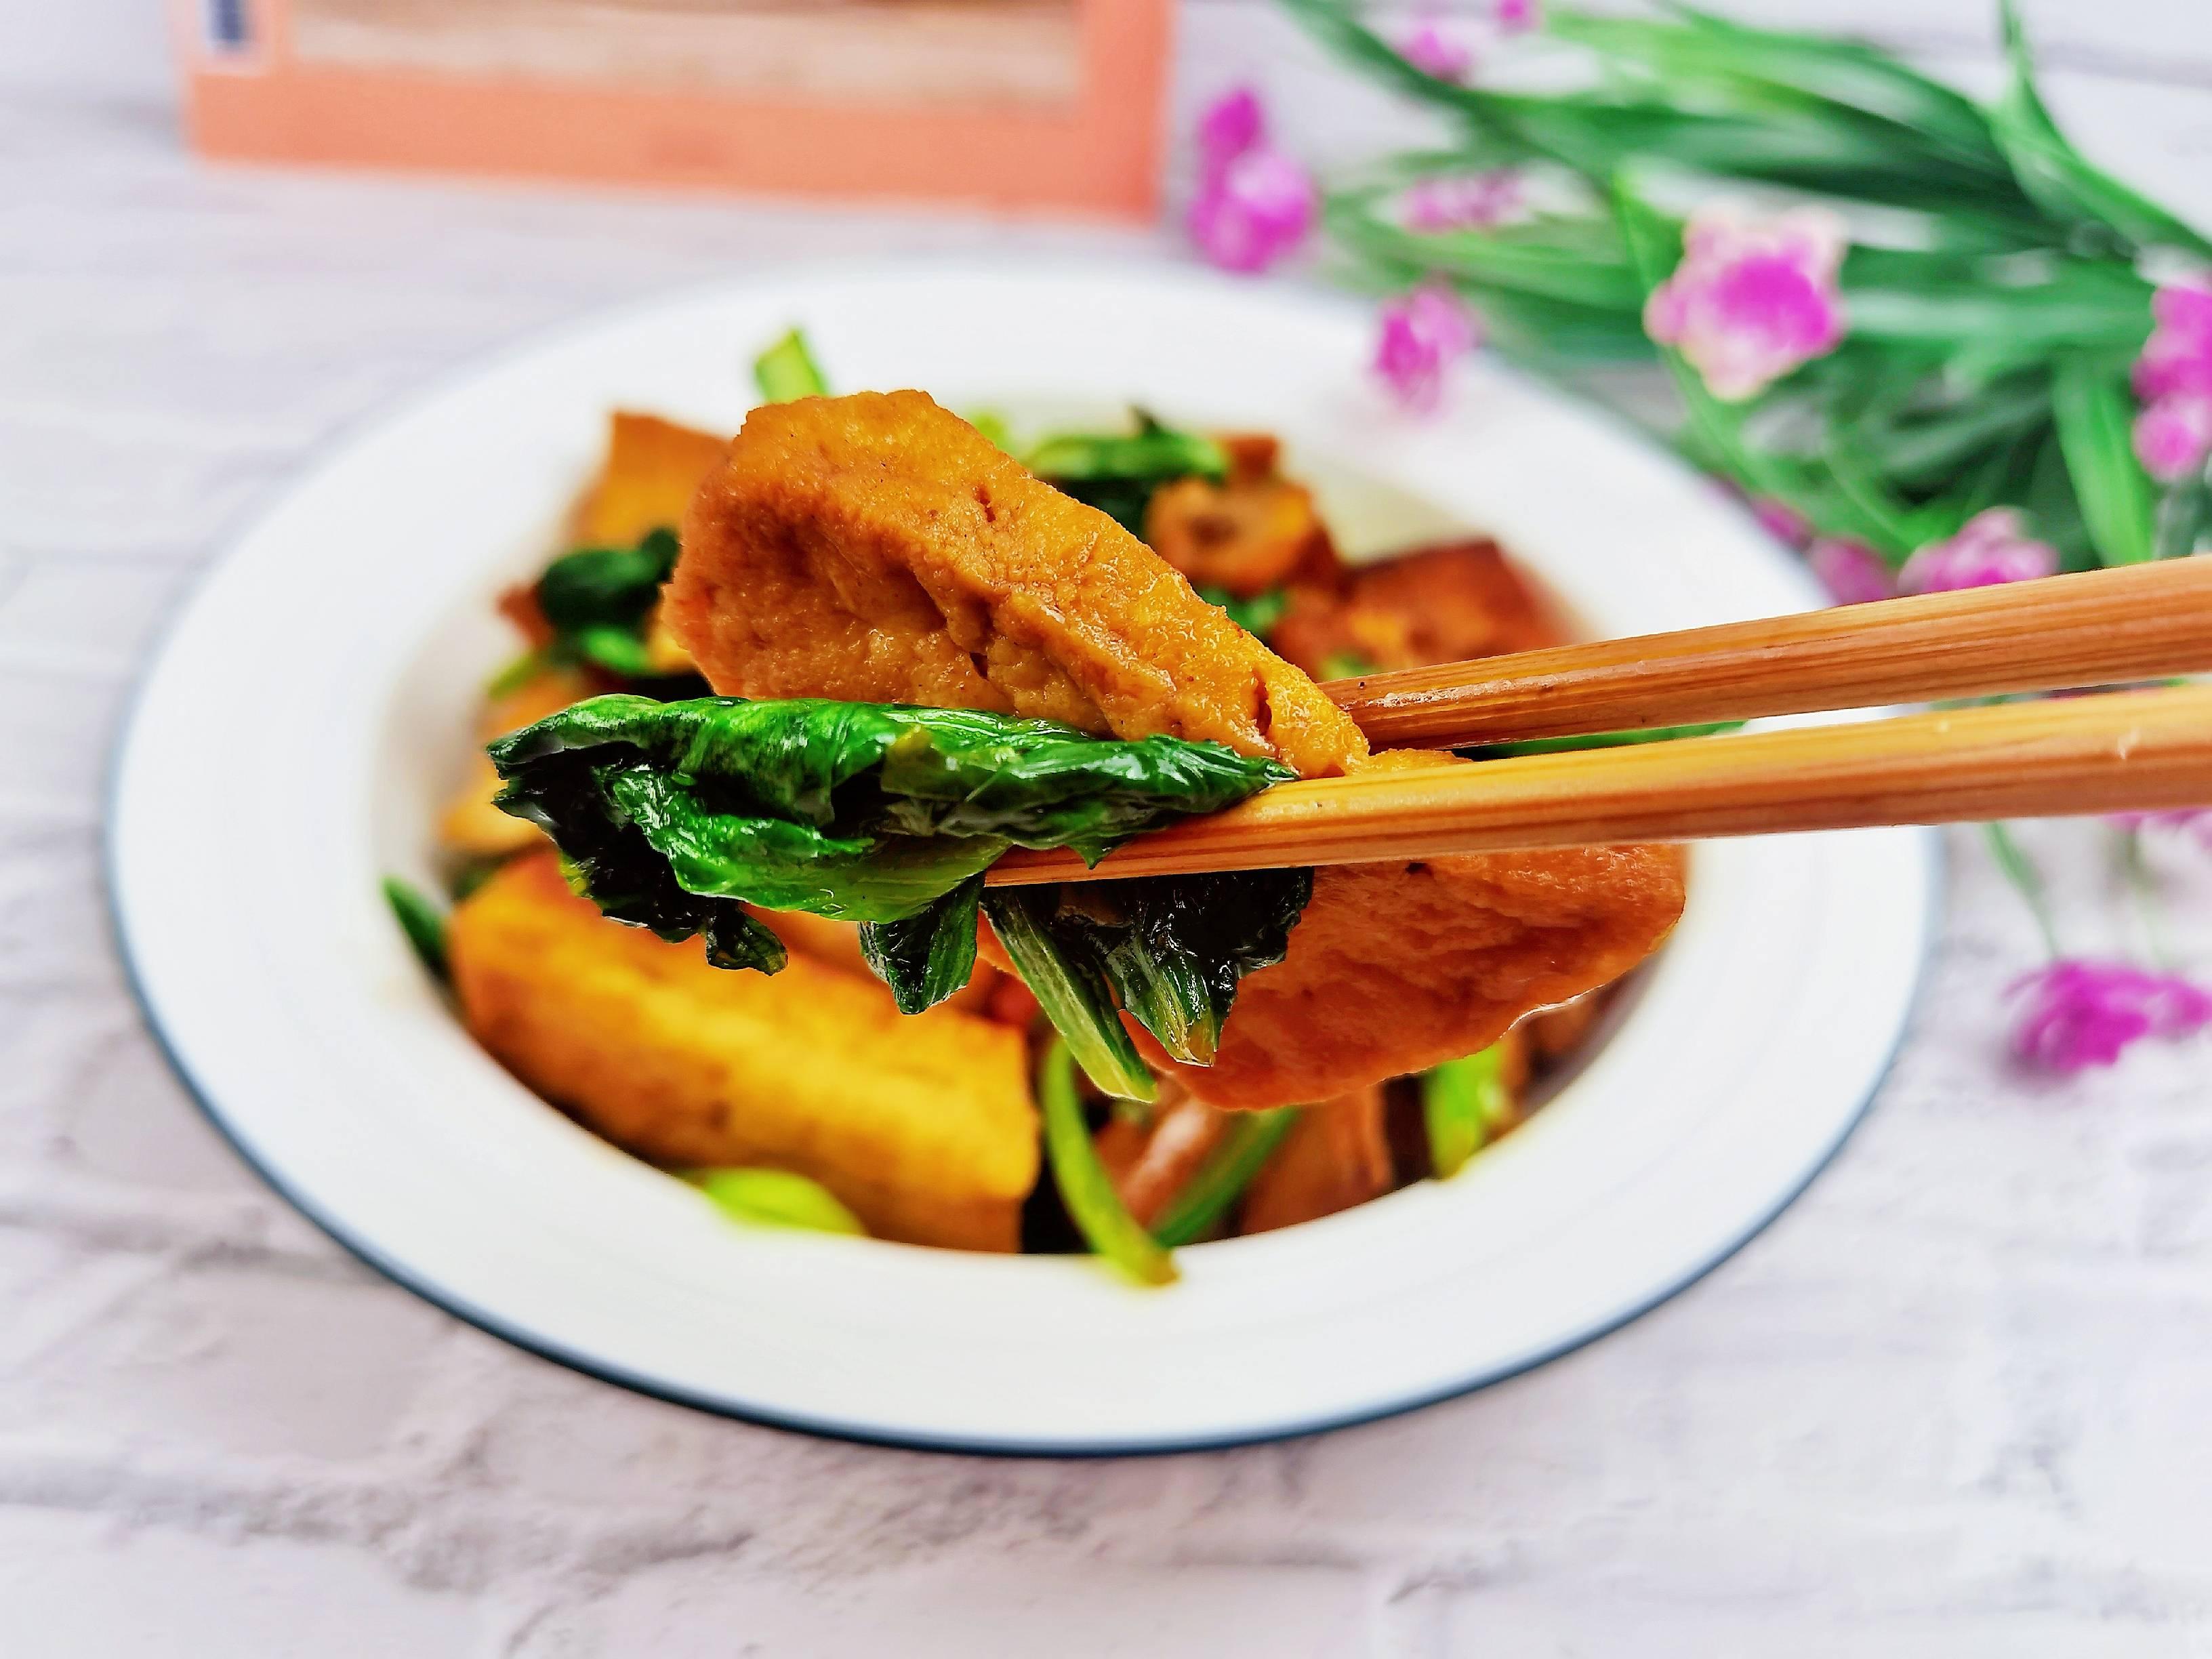 简单粗暴下饭菜-小白菜炒豆腐,白菜豆腐保平安怎么煸